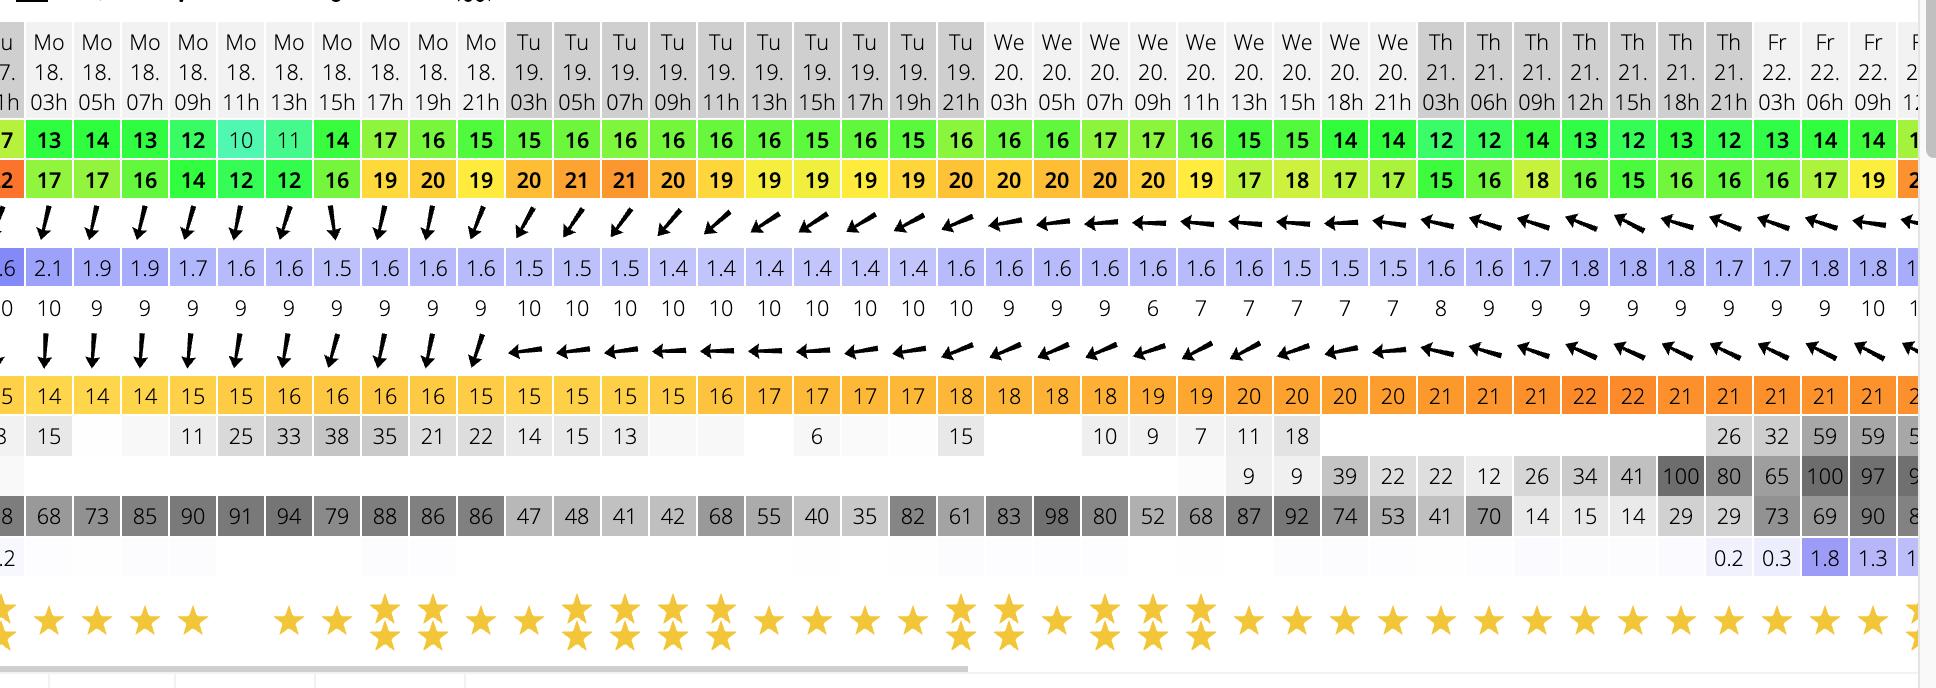 明日、月曜日、弱めの北風。_c0098020_17575154.png